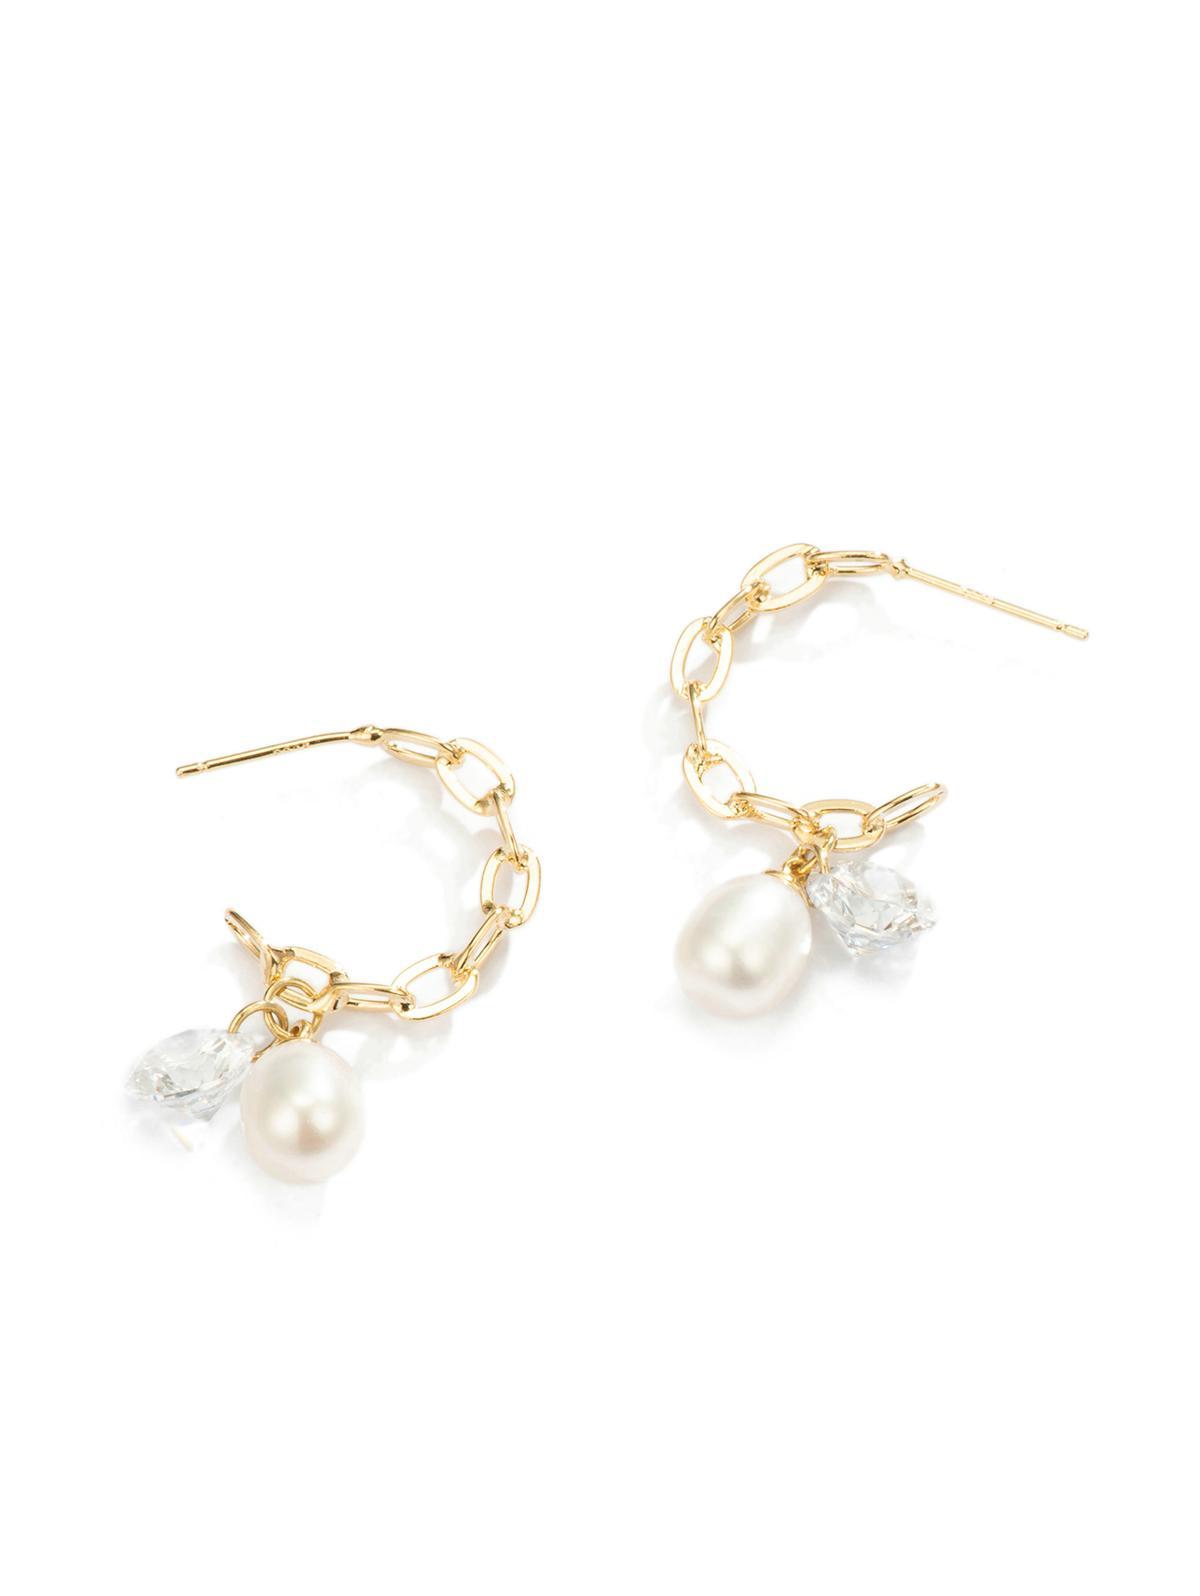 Rhinestone Pearl Chain Dangle Earrings